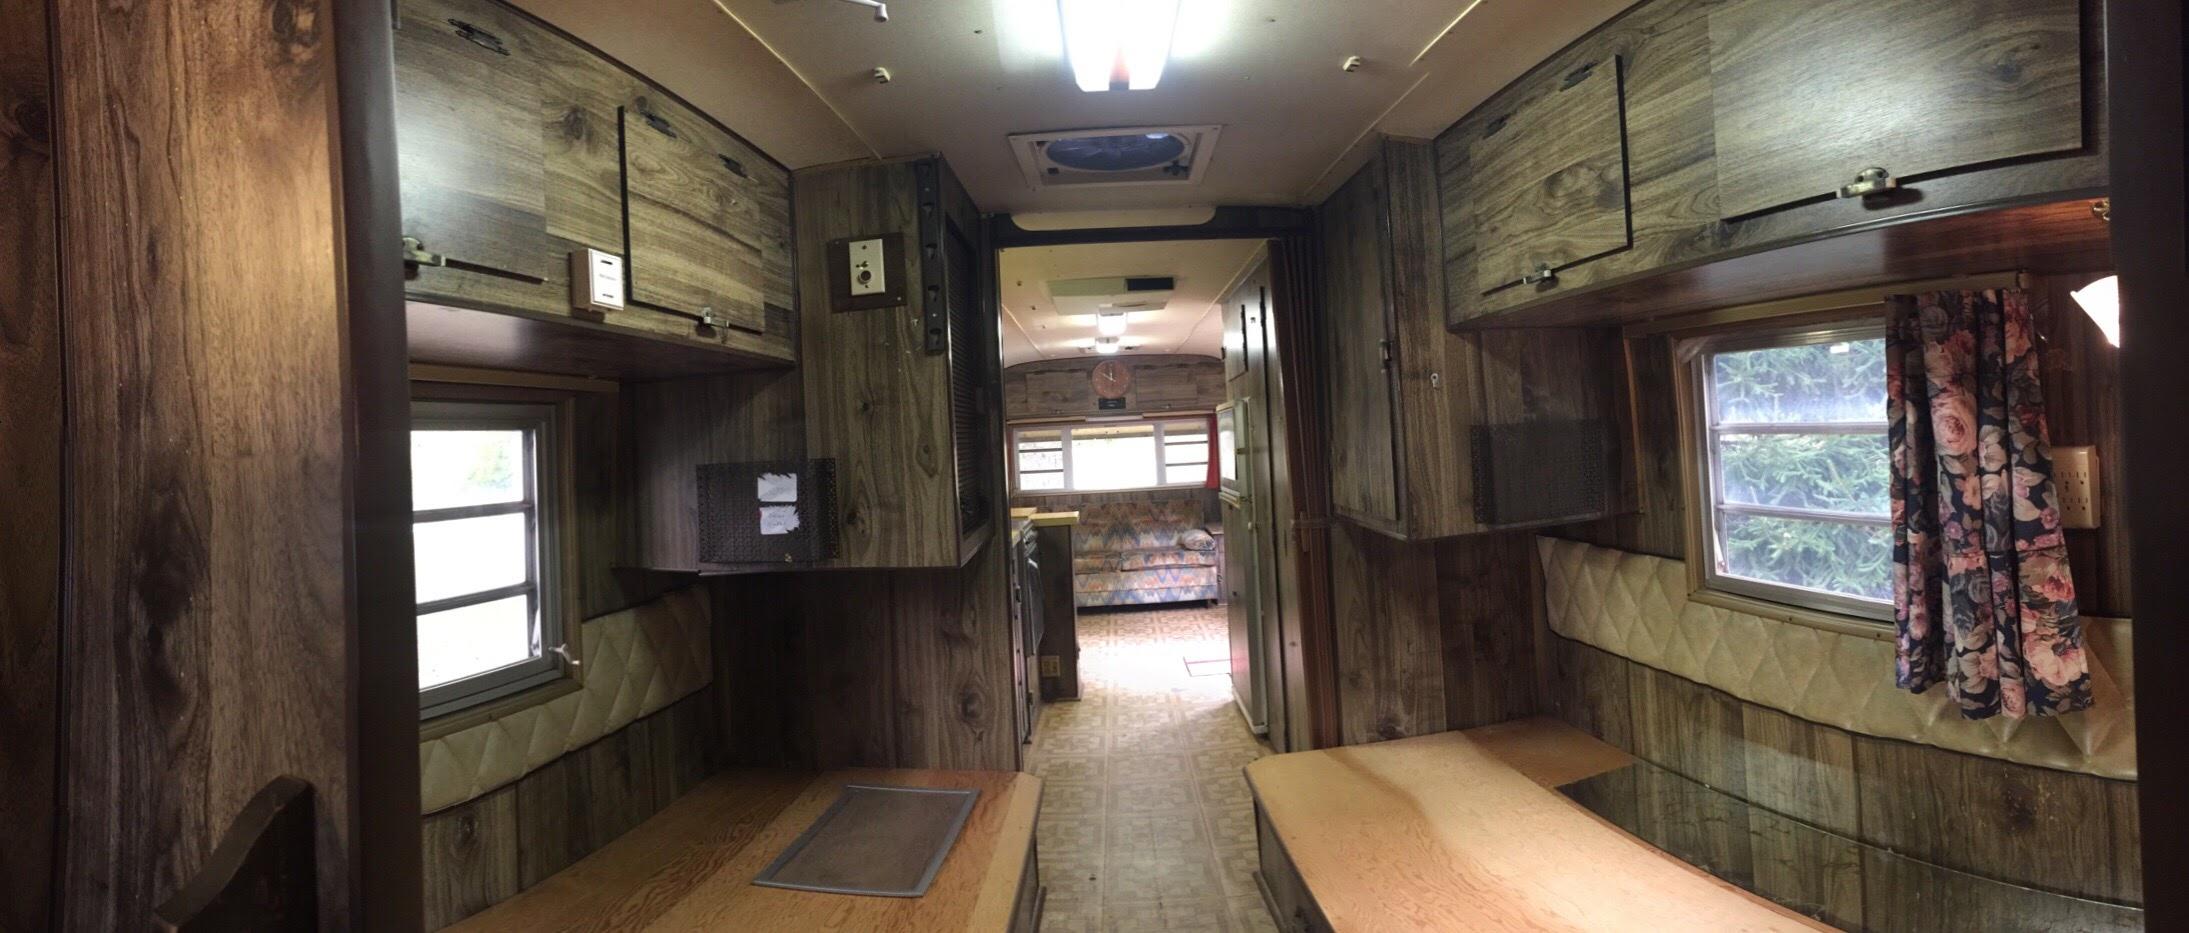 Building bunks for a vintage camper - The Touring Camper